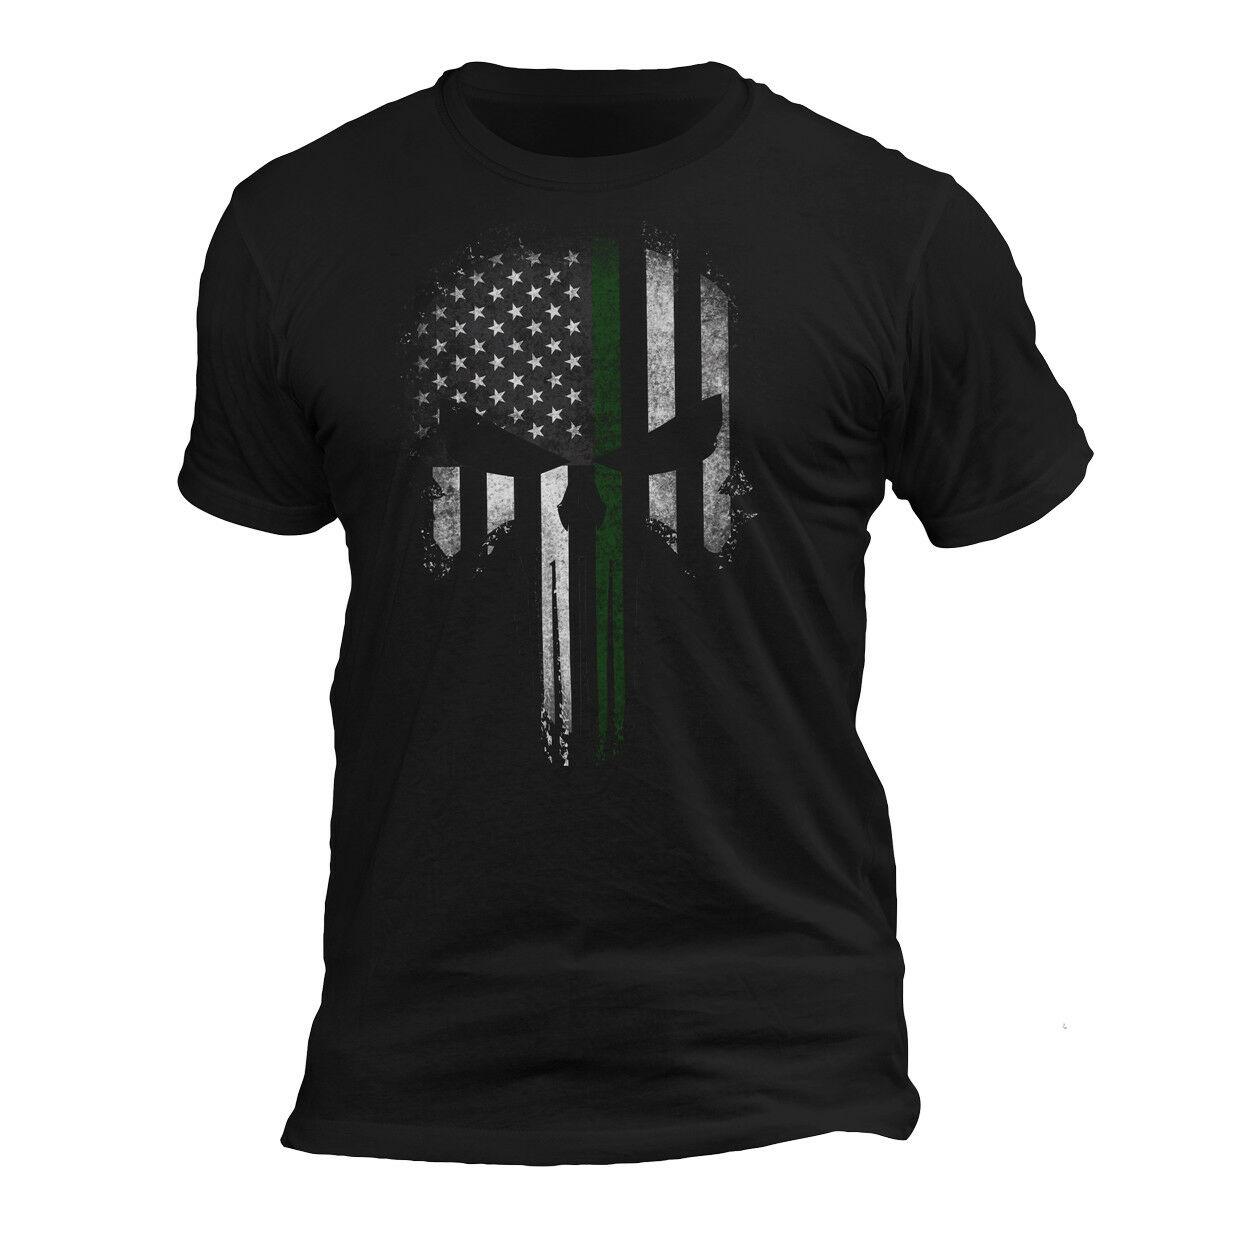 США патриотическая Военная Тактическая тонкая зеленая линия Каратель череп футболка